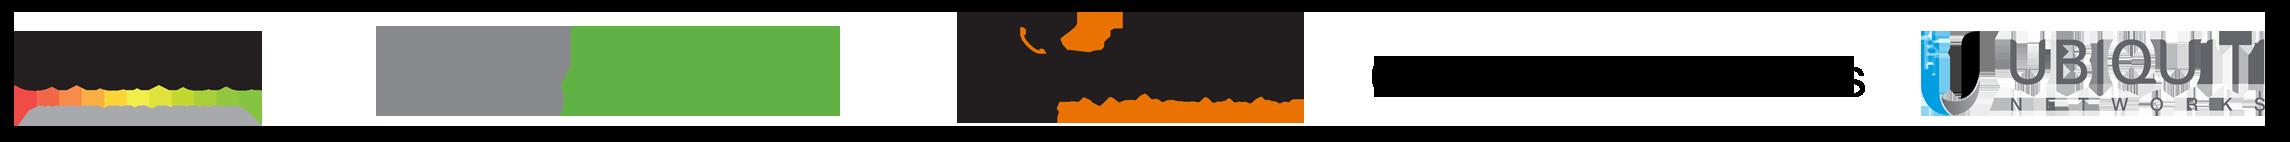 Business-wifi-solns-logos-2